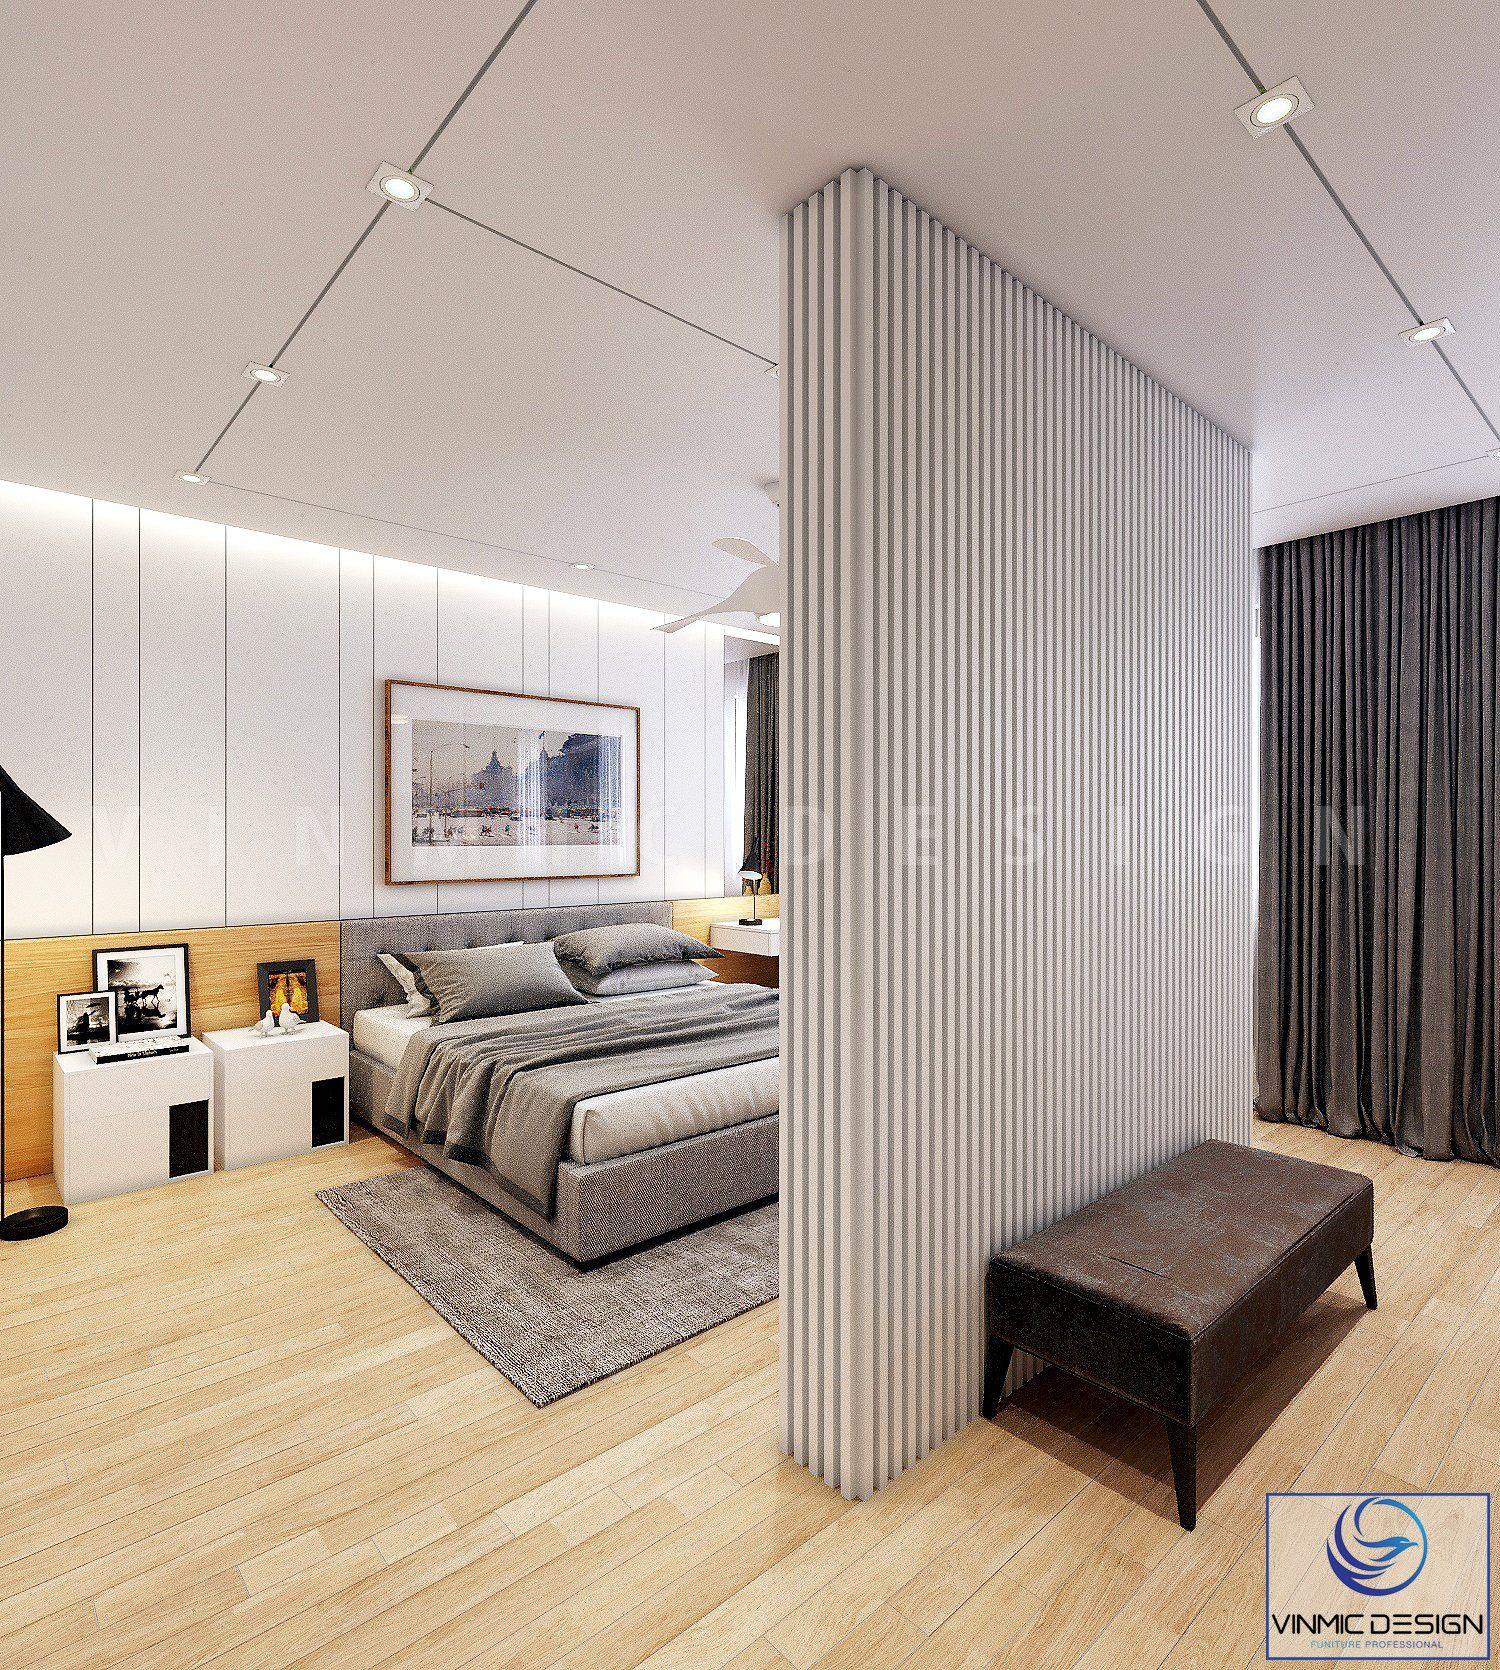 Thiết kế phòng ngủ với vách đứng được thể hiện cách điệu